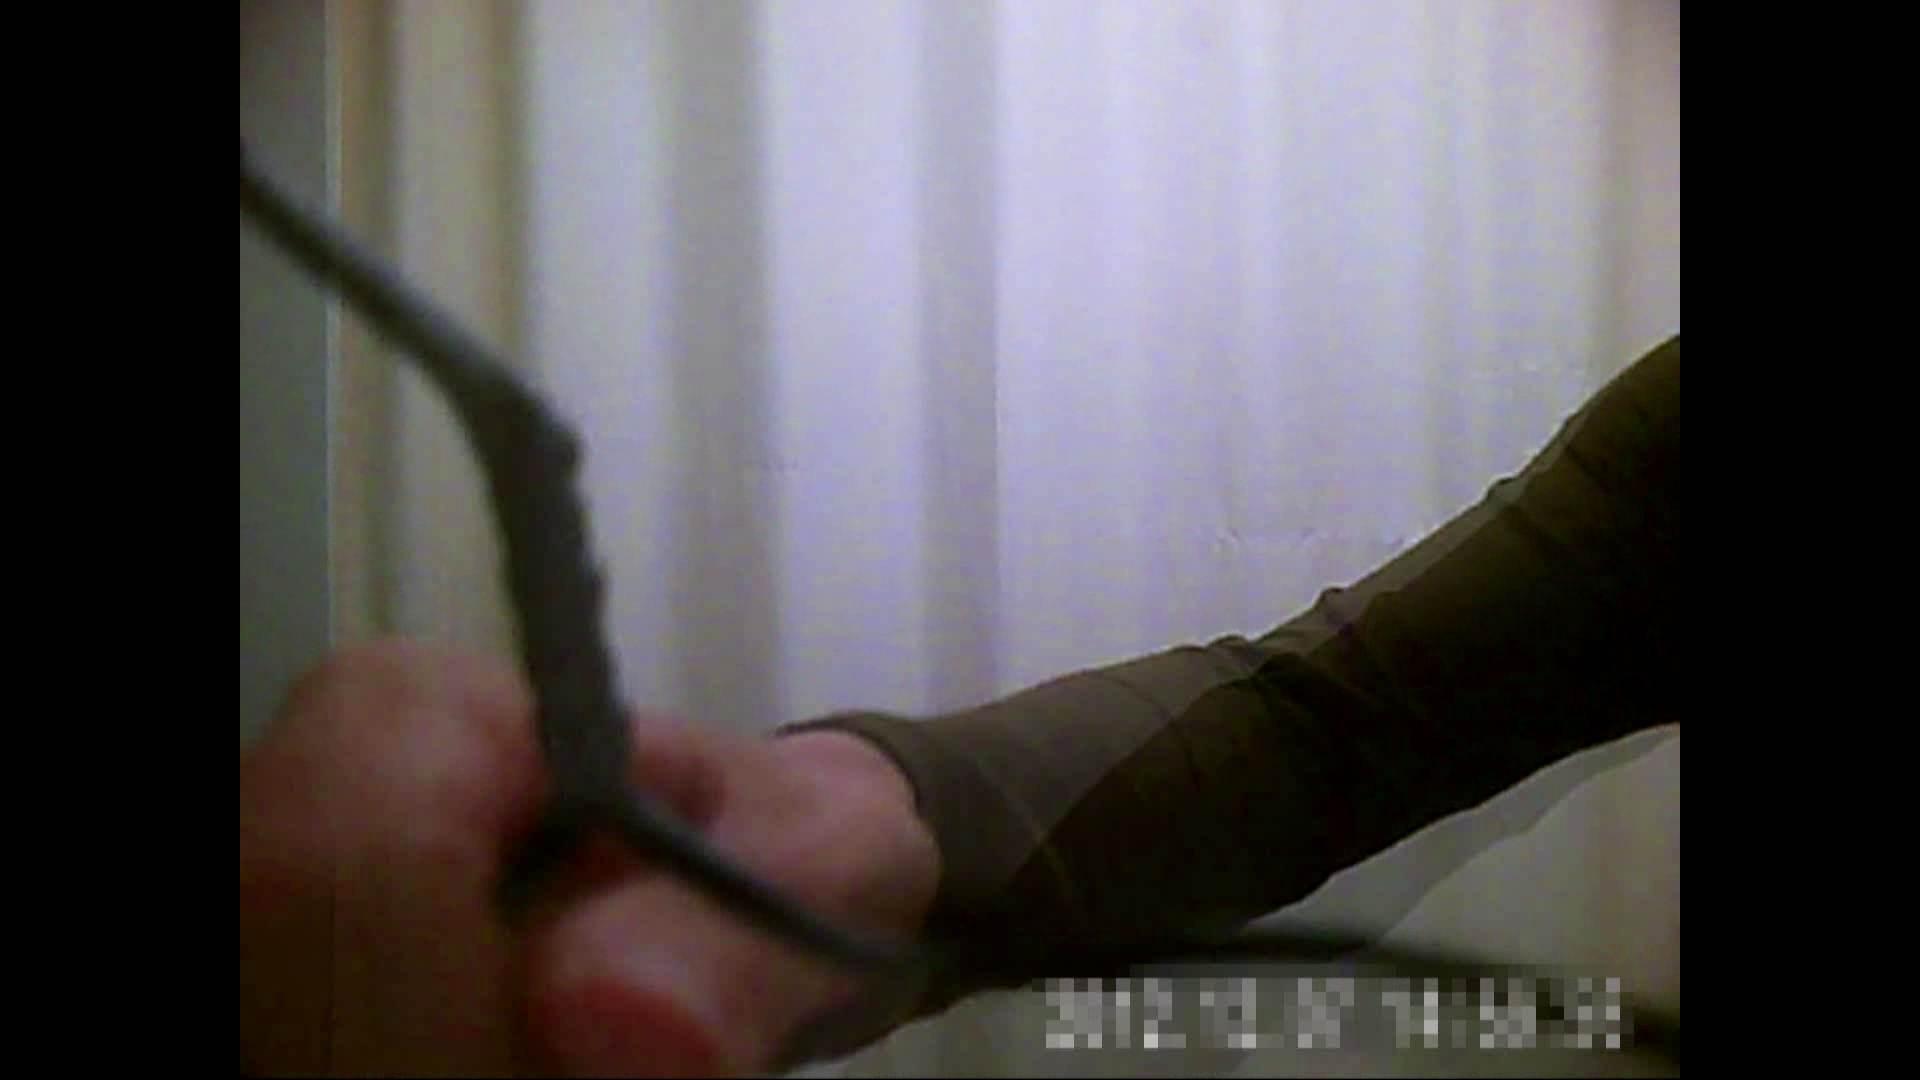 元医者による反抗 更衣室地獄絵巻 vol.126 OLハメ撮り  101Pix 86